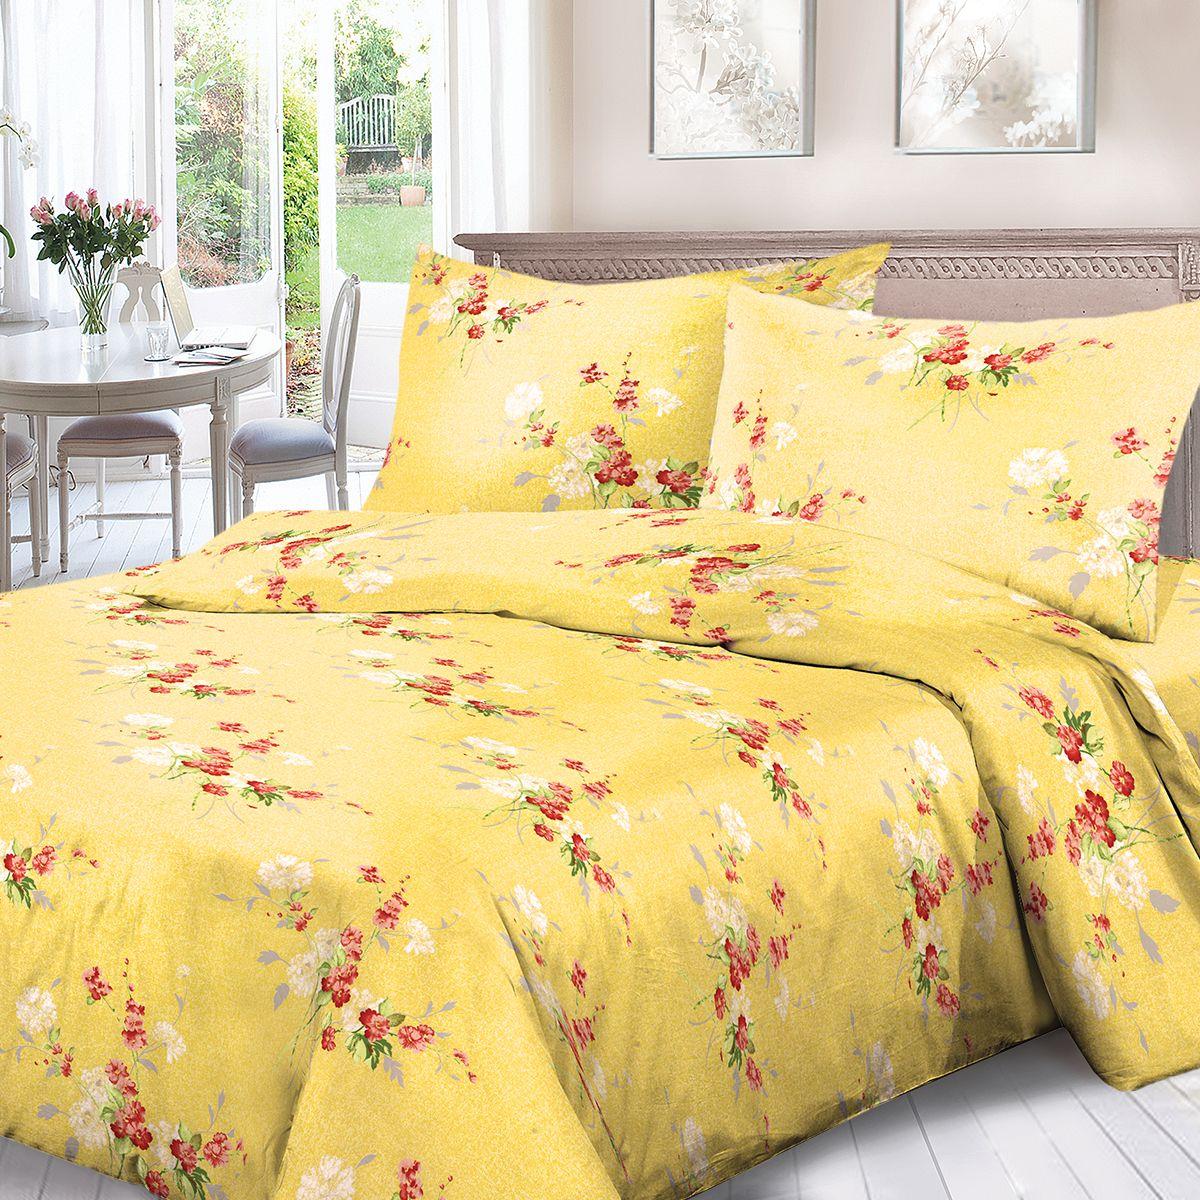 Комплект белья Для Снов Амброзия, 1,5 спальное, наволочки 70x70, цвет: желтый. 1536-187326